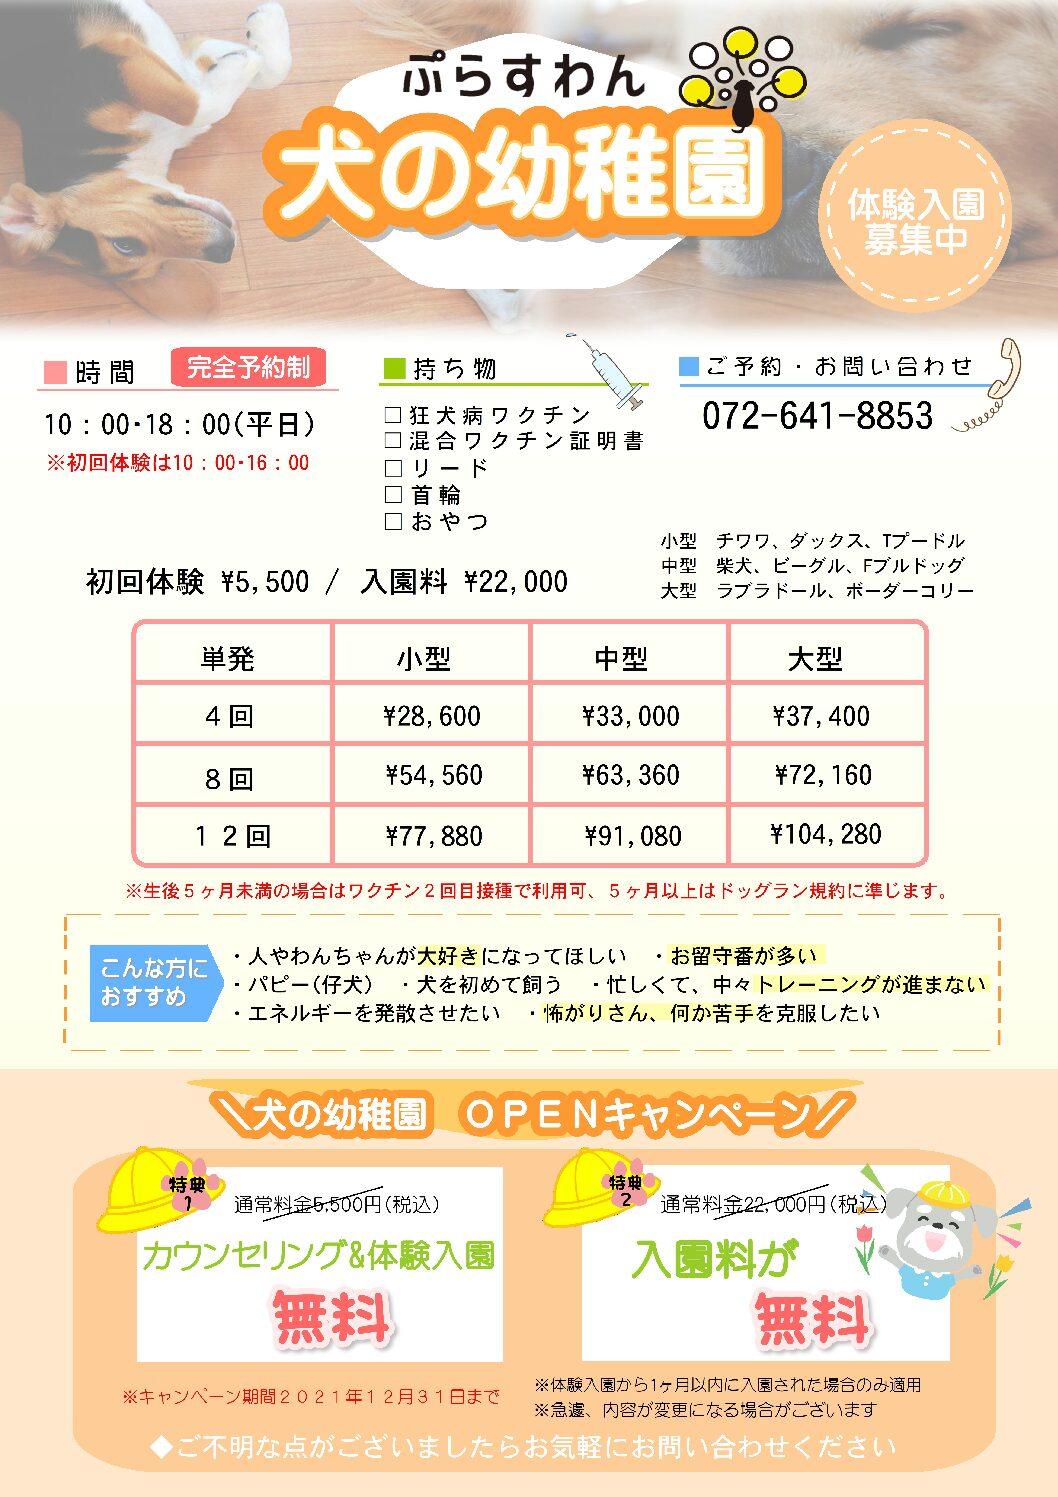 ぷらすわん犬の幼稚園 価格表